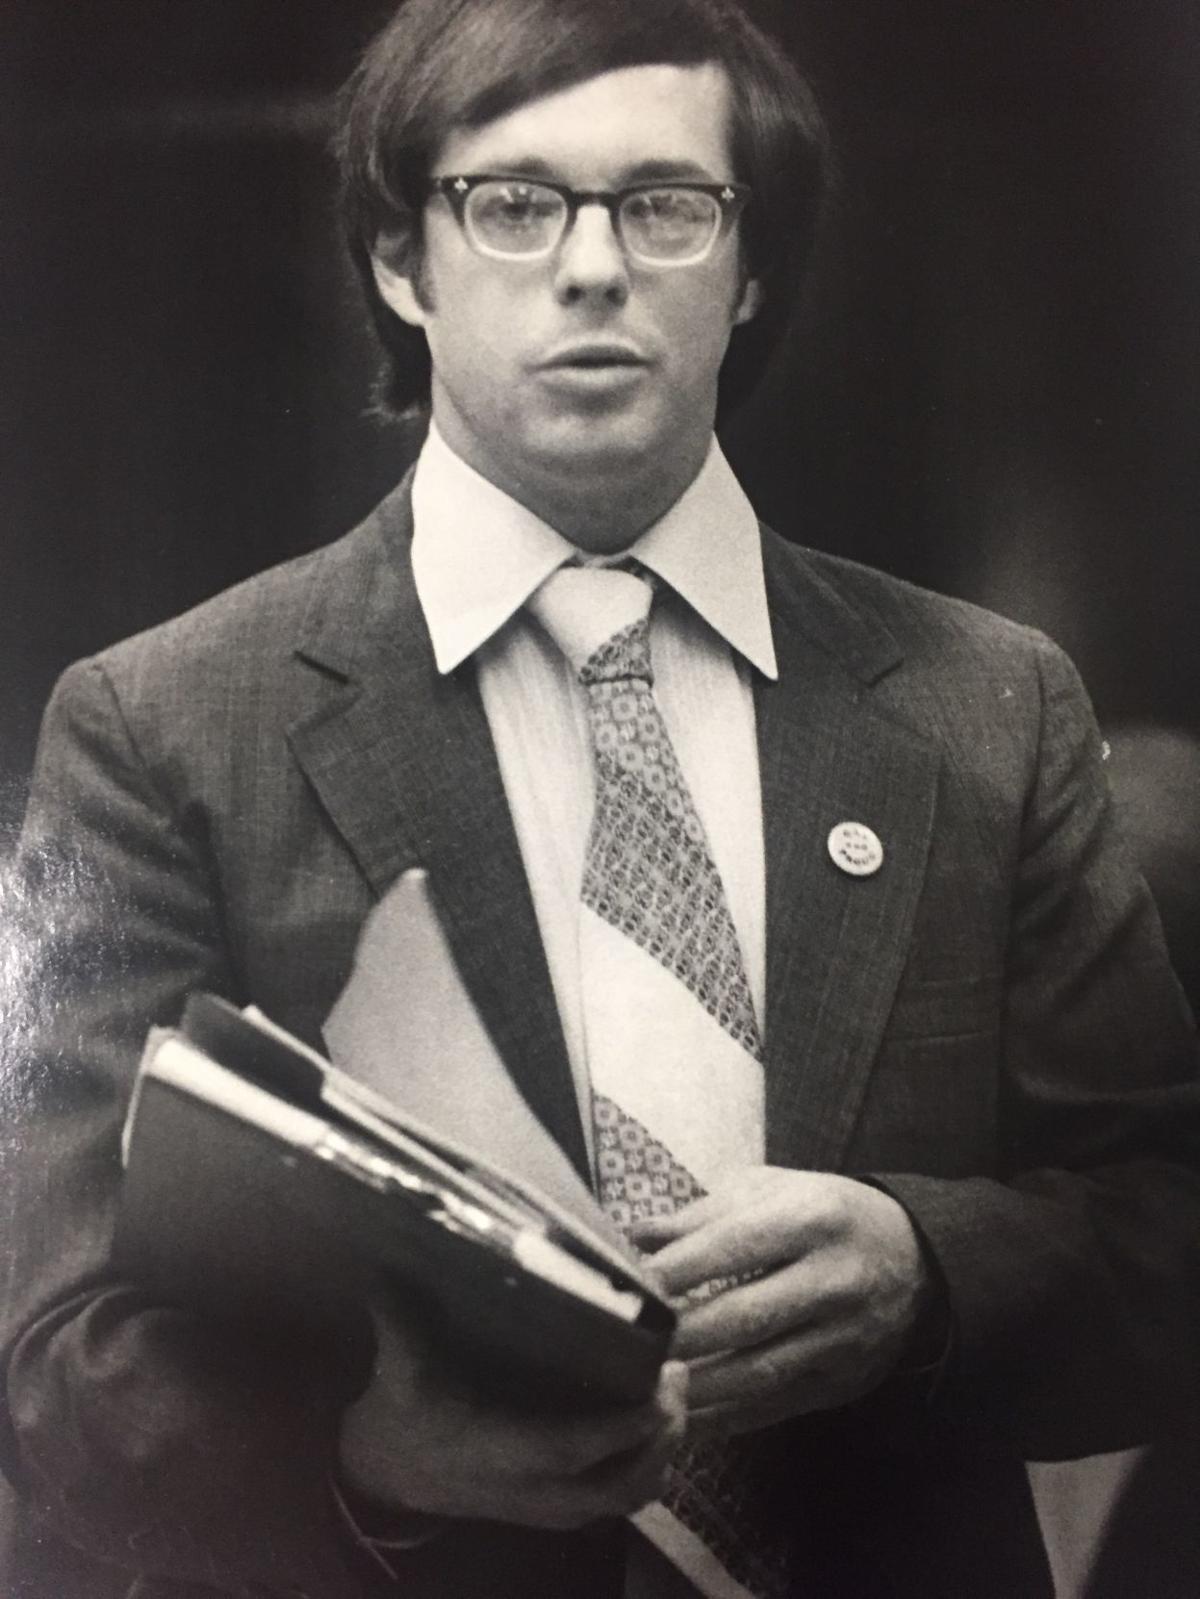 Bruce Garnett of Richmond Gay Rights Association